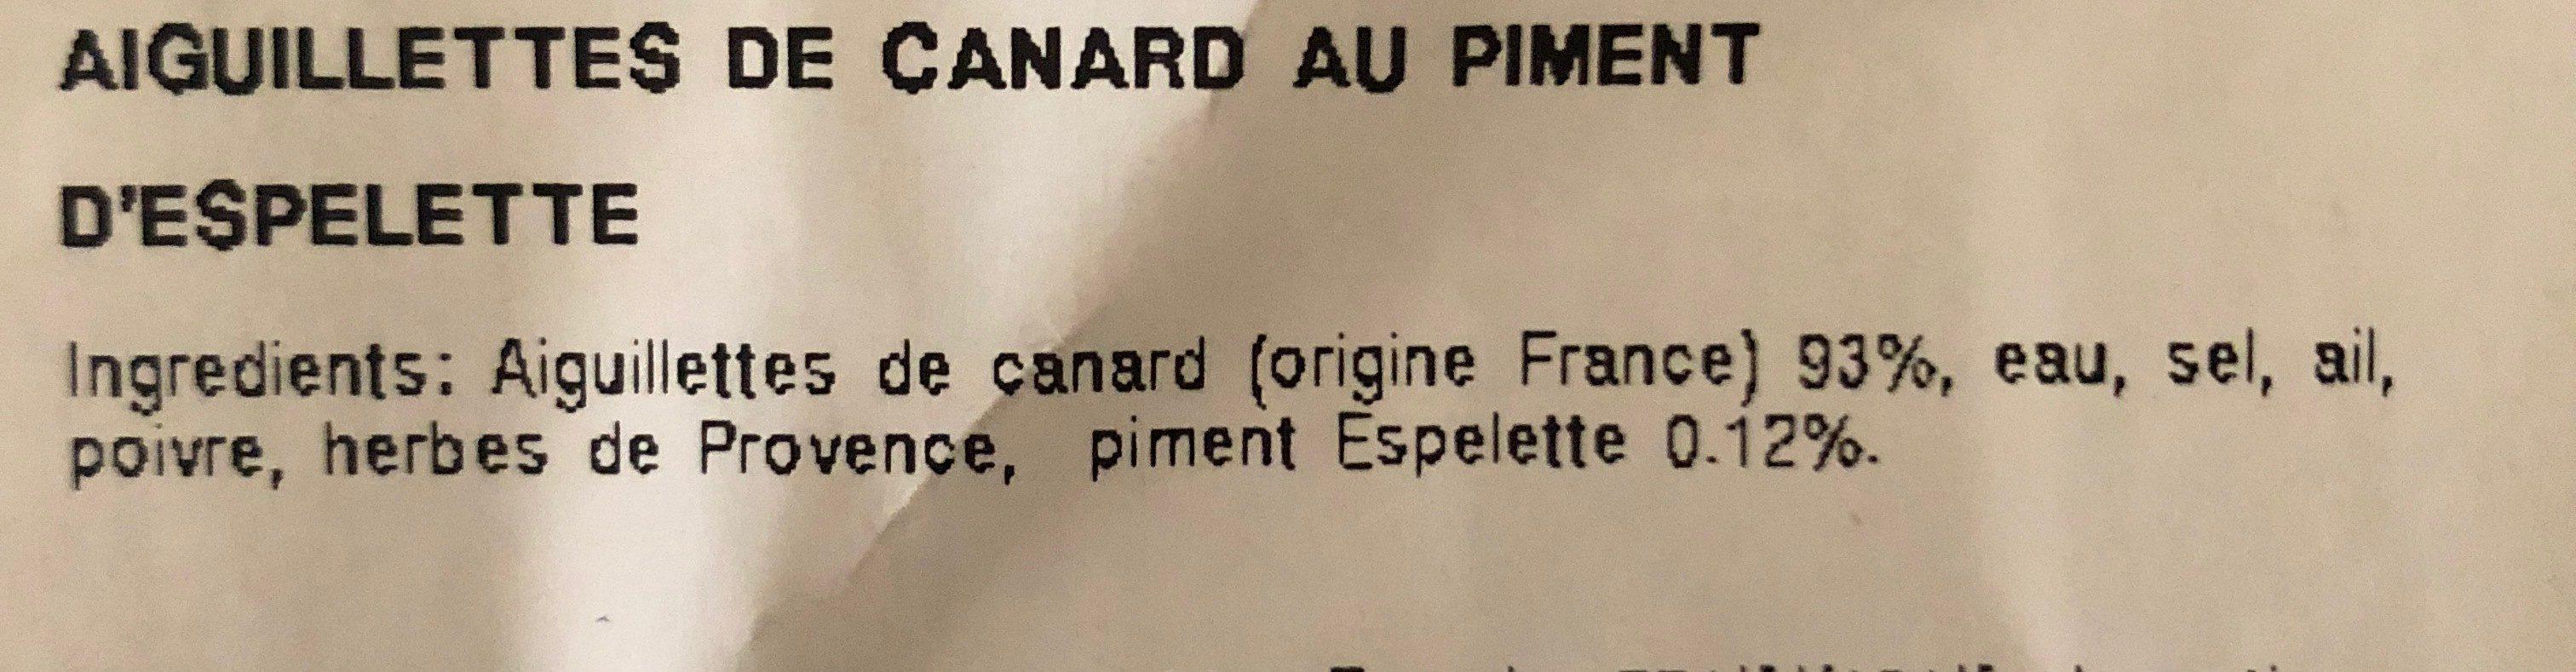 Aiguillettes de canard - Ingredients - fr